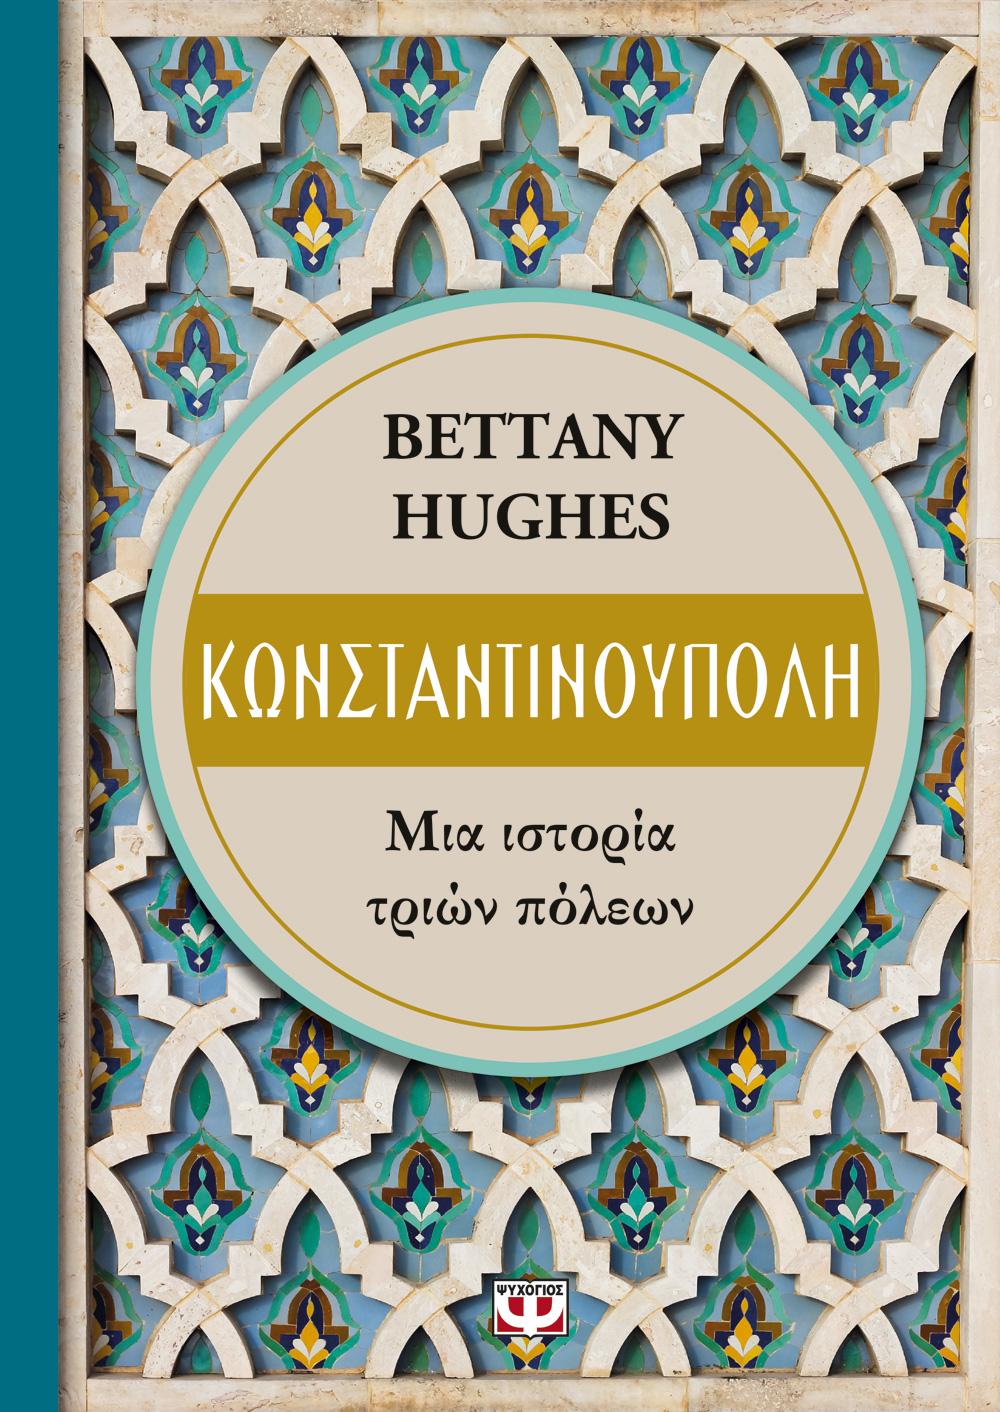 Αποτέλεσμα εικόνας για bettany hughes κωνσταντινούπολη μια ιστορία τριών πόλεων